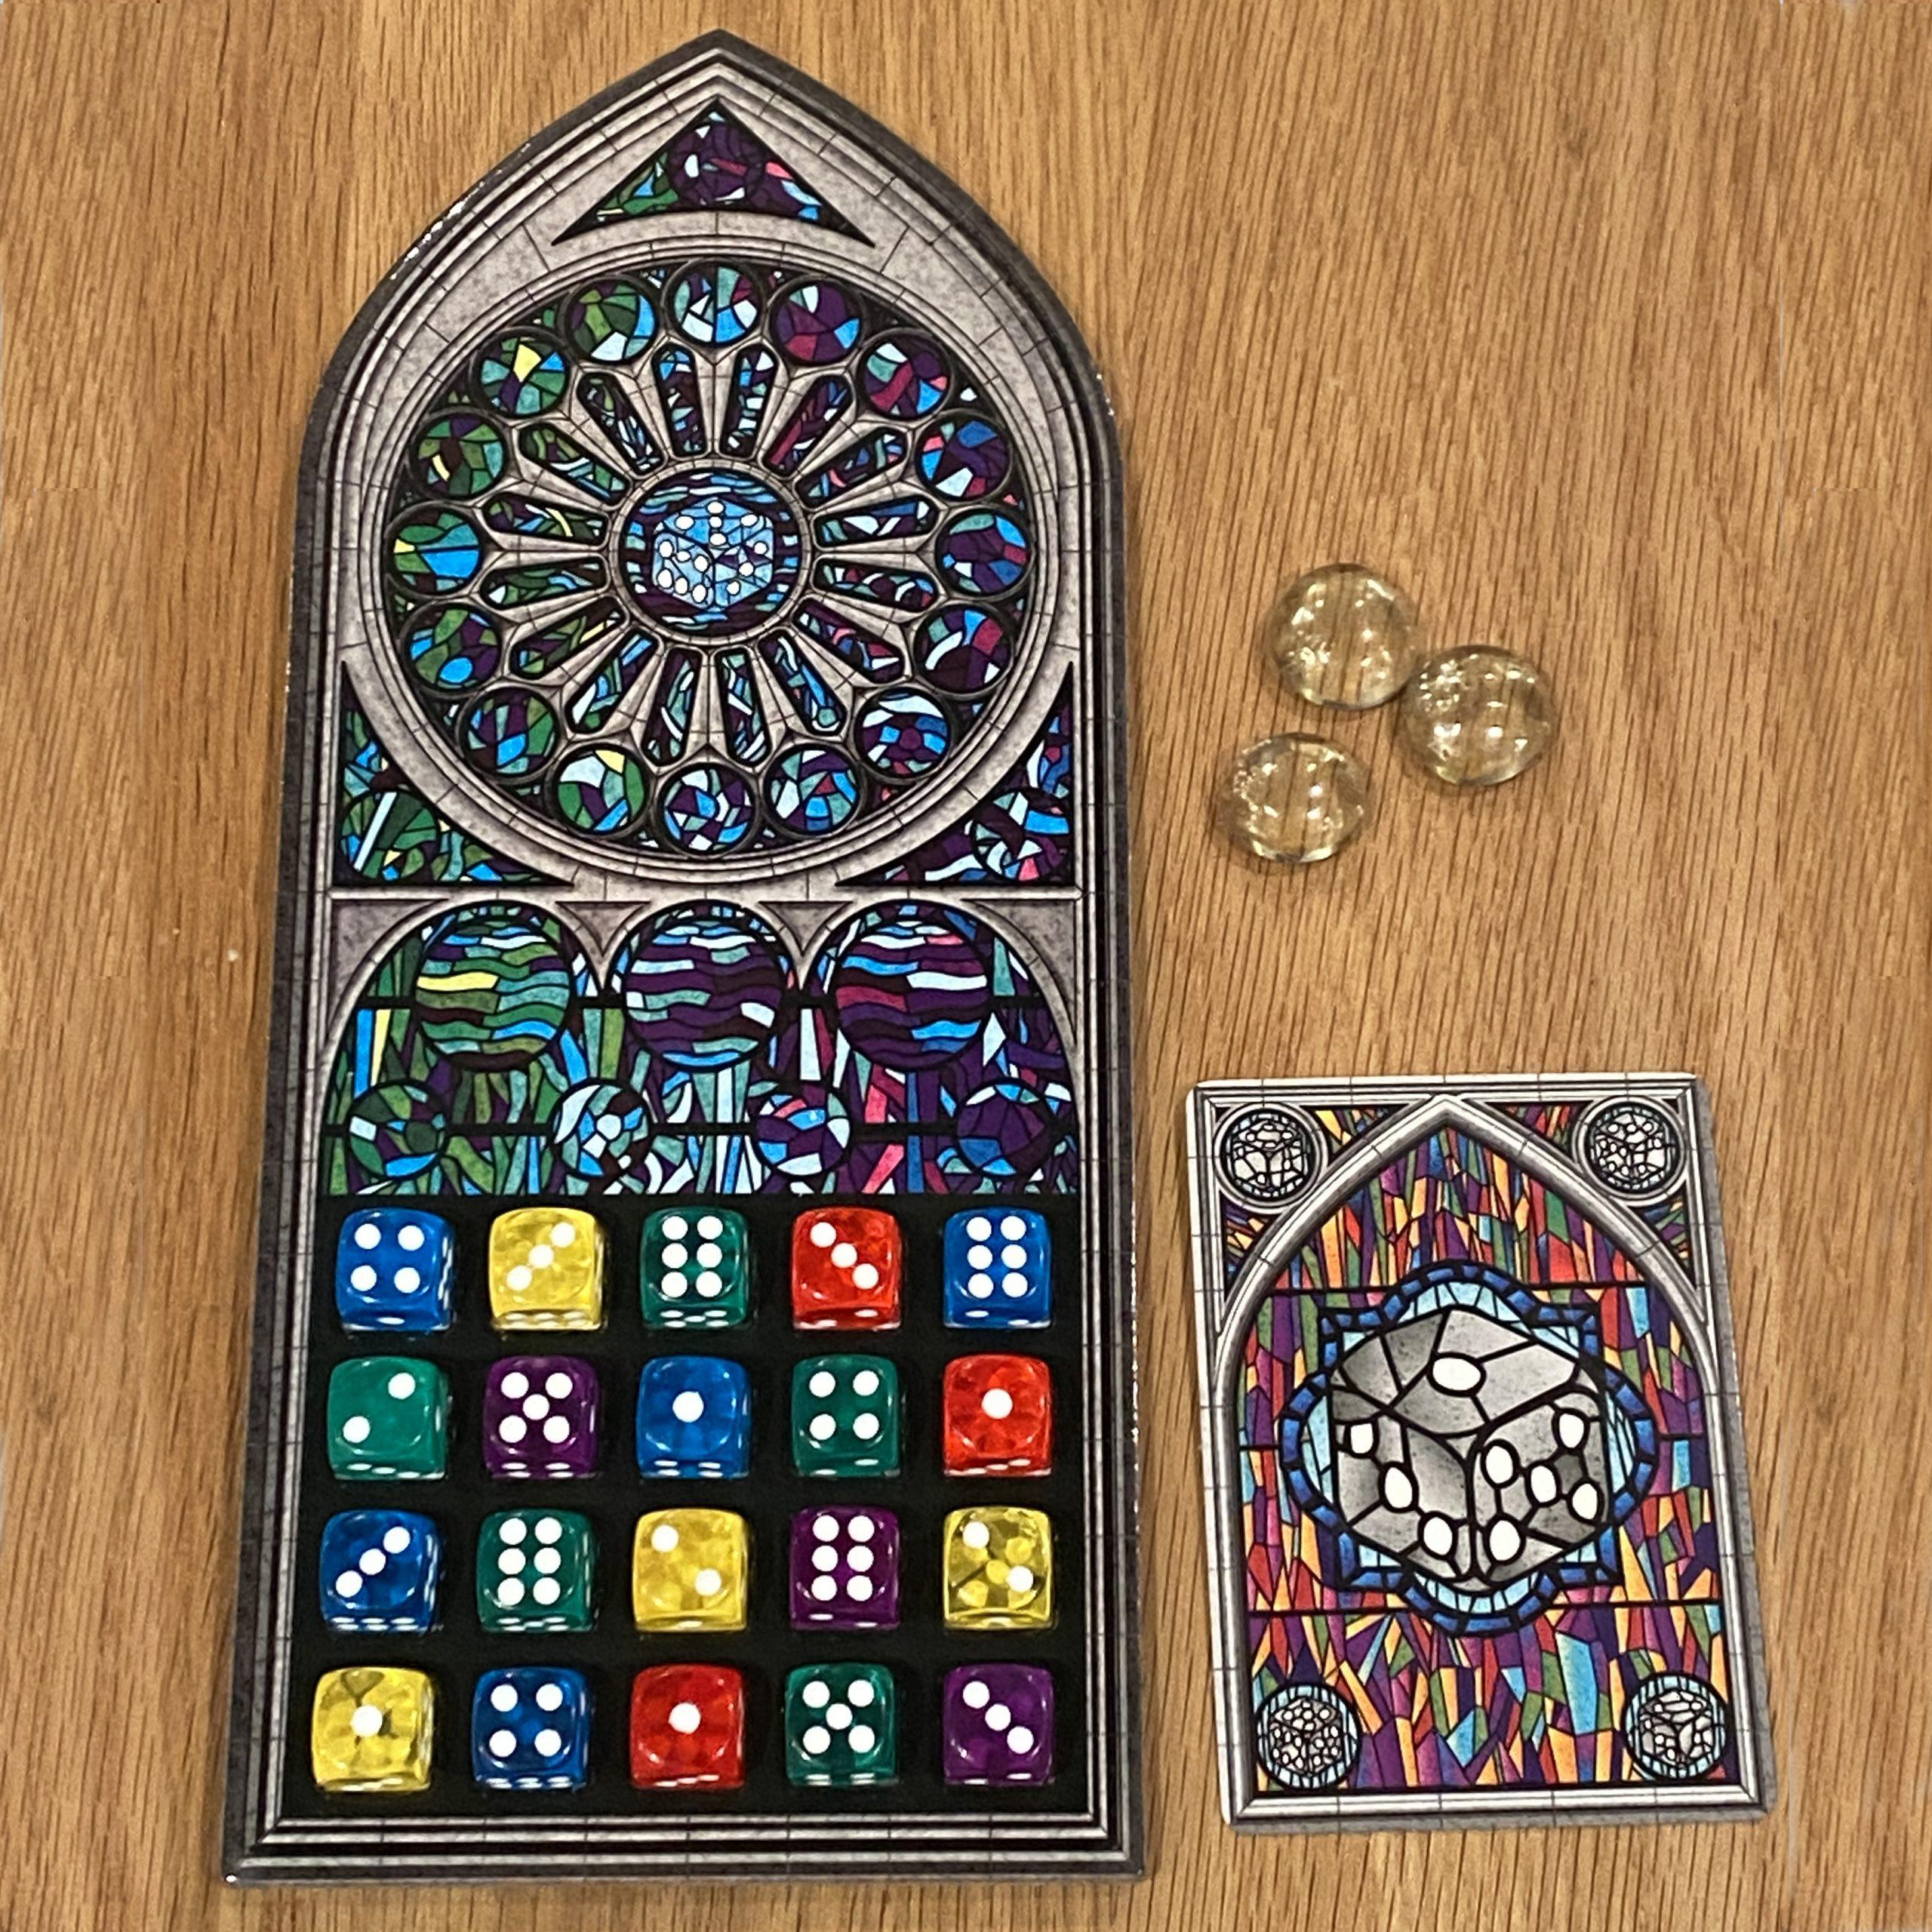 Sagrada game